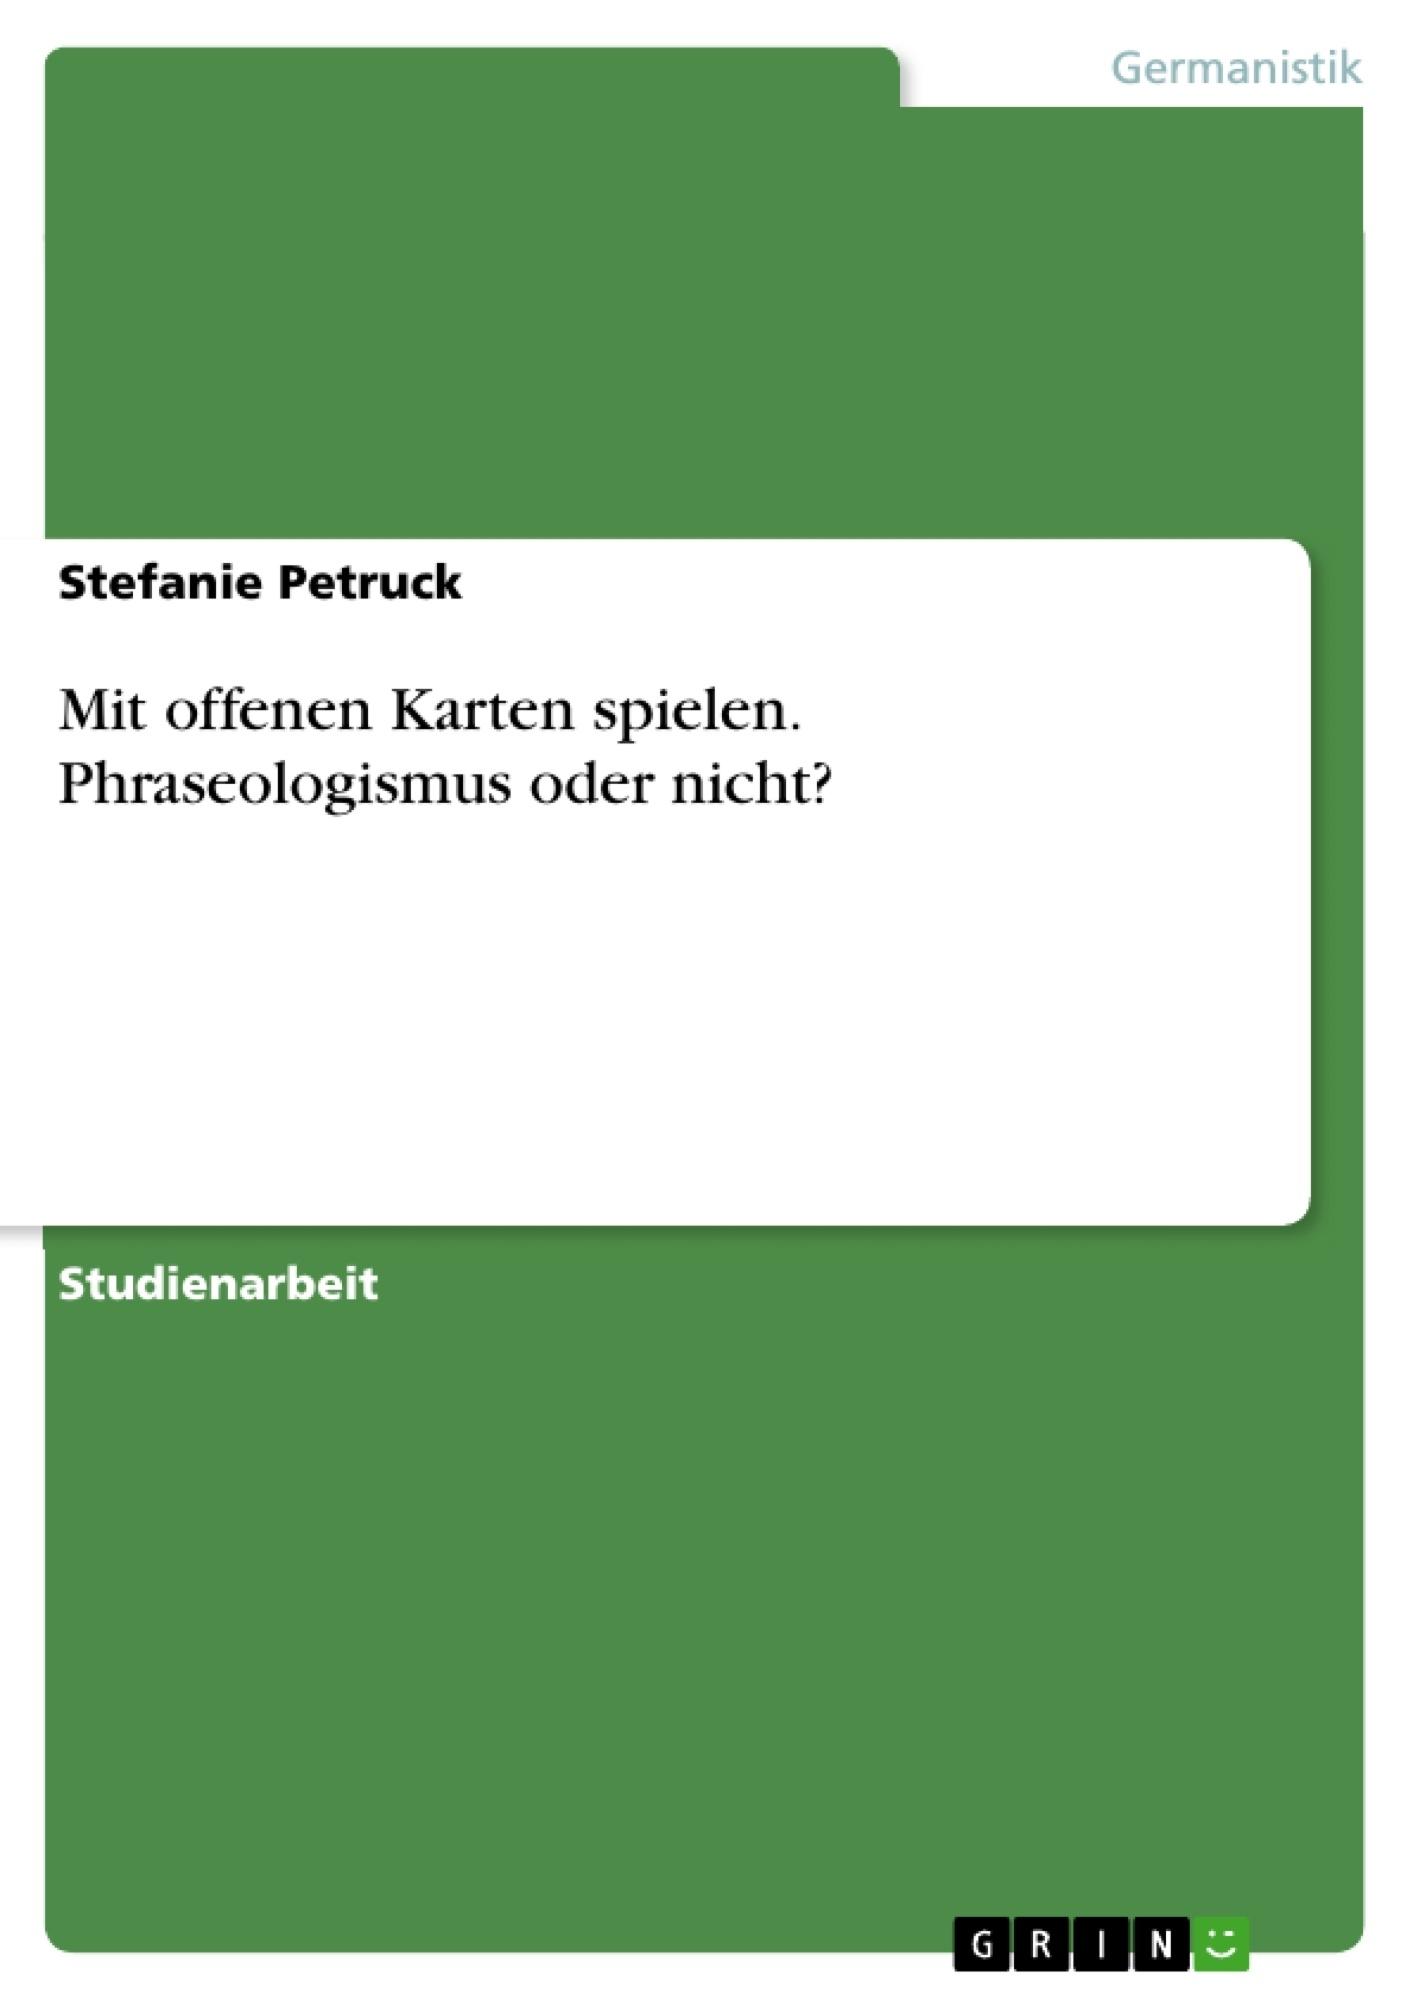 Titel: Mit offenen Karten spielen. Phraseologismus oder nicht?